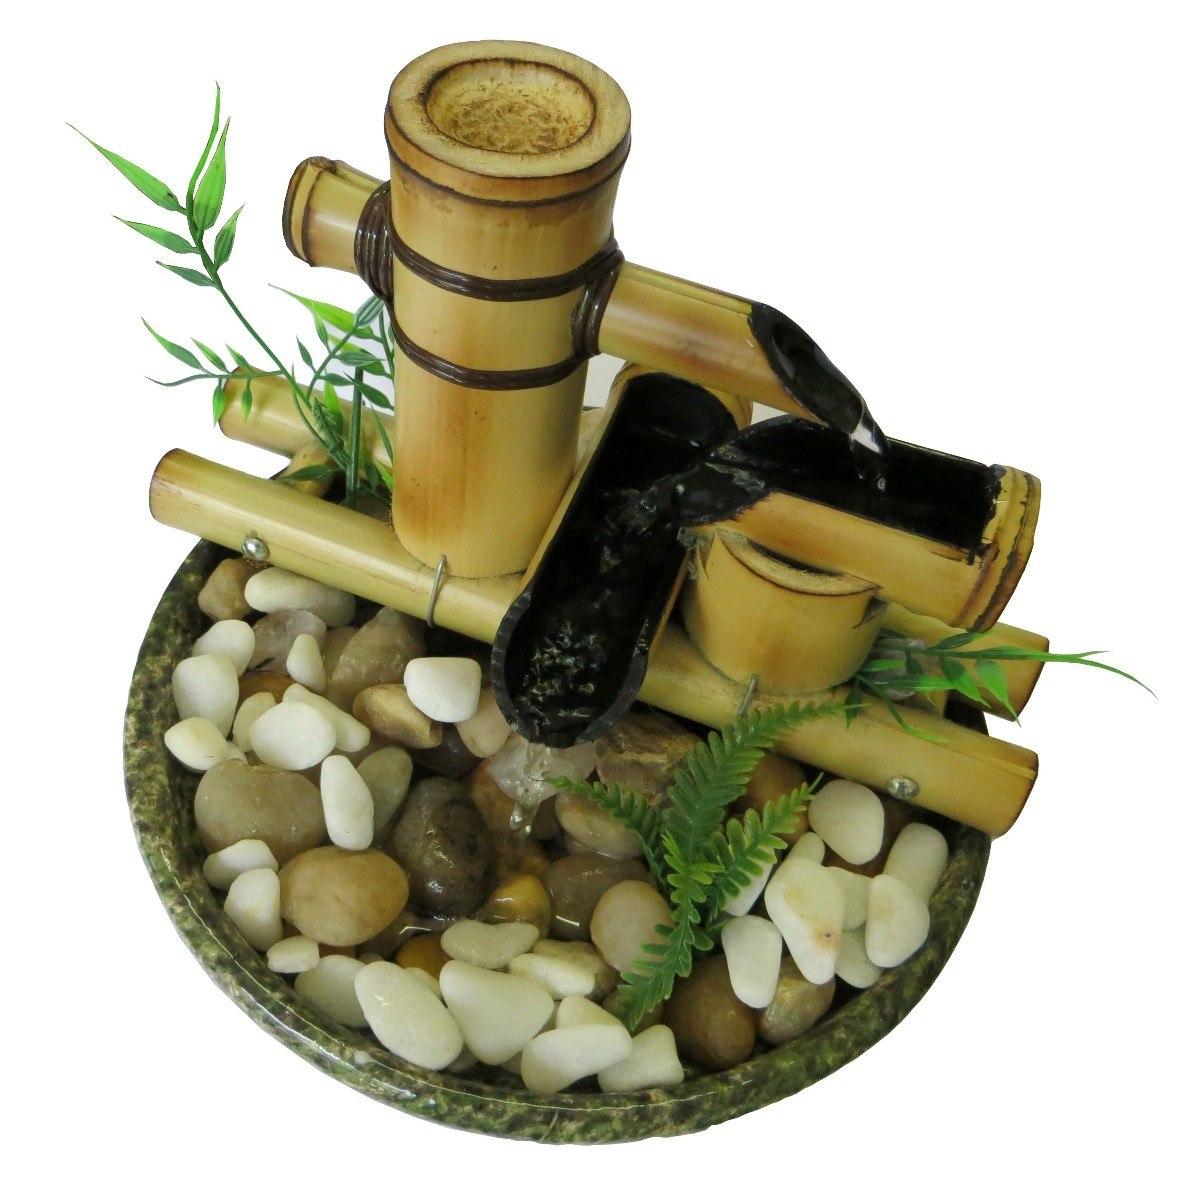 fontes de agua para decoracao de interiores:Fonte De Água Bambu Harmonia – Pague Com Cartão – R$ 118,90 no